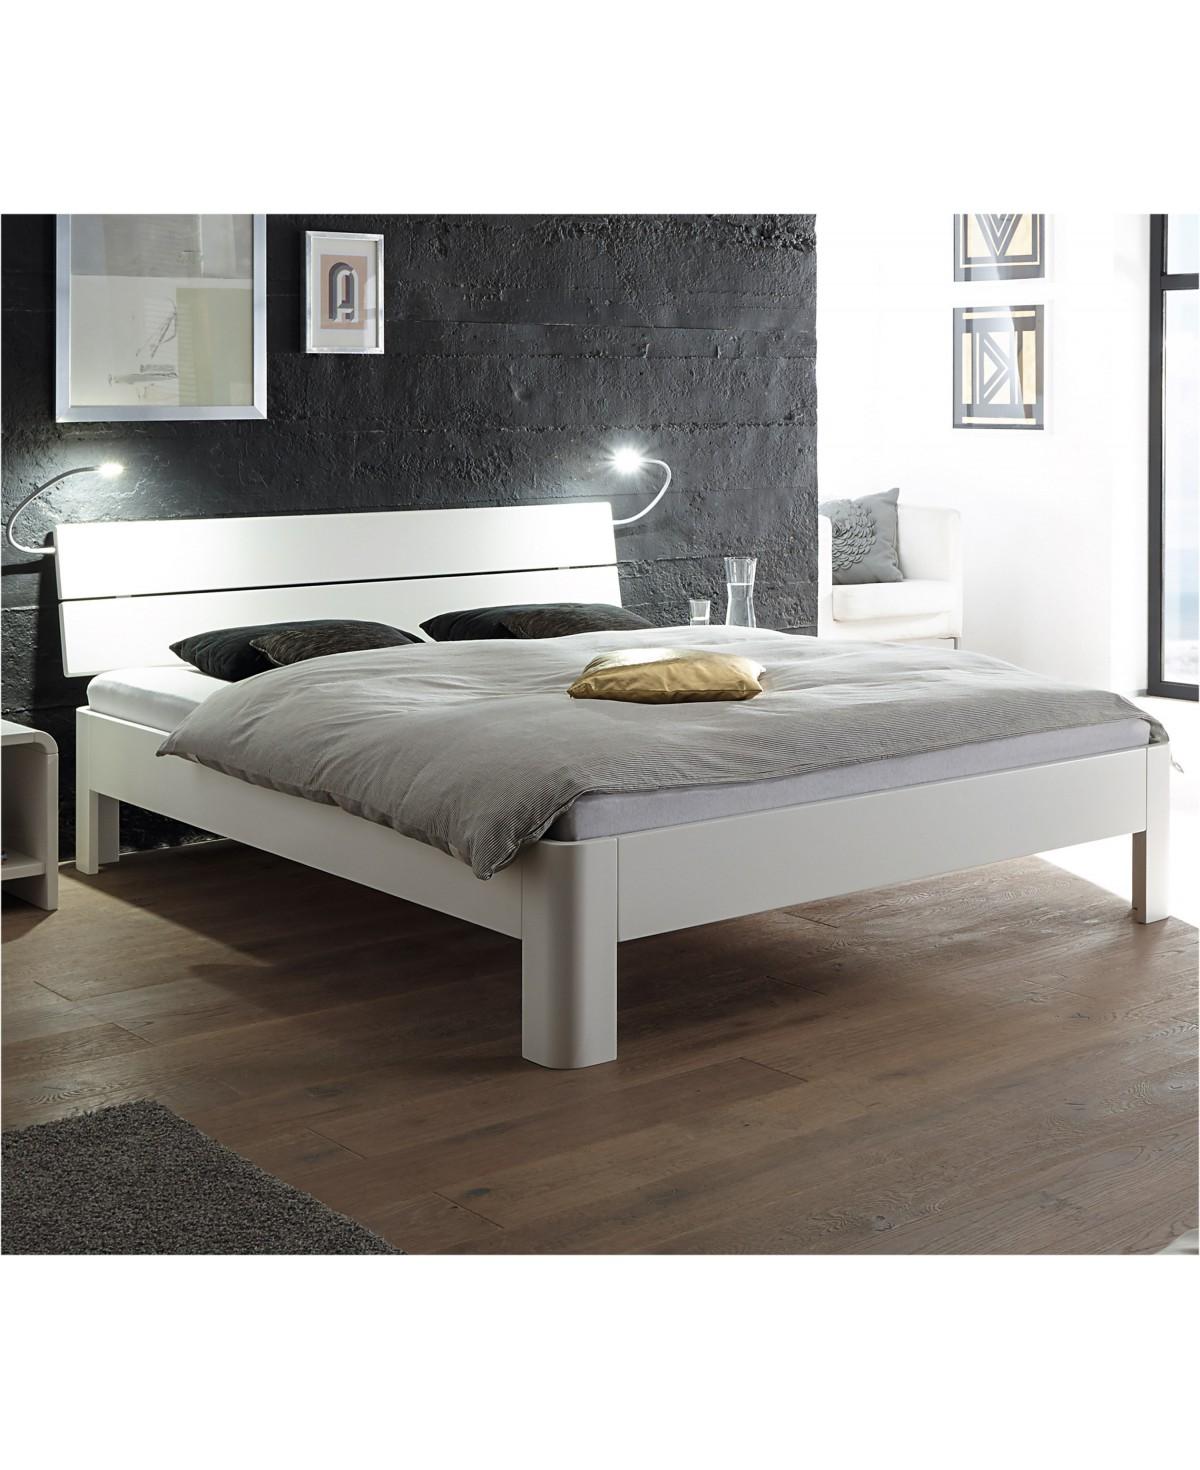 Full Size of 120x200 Bett Kopfteil Weiß Ohne Füße Musterring Betten Team 7 Mit Matratze Oschmann 100x200 Konfigurieren Kingsize Bonprix Günstige Bette Badewannen Bett 120x200 Bett